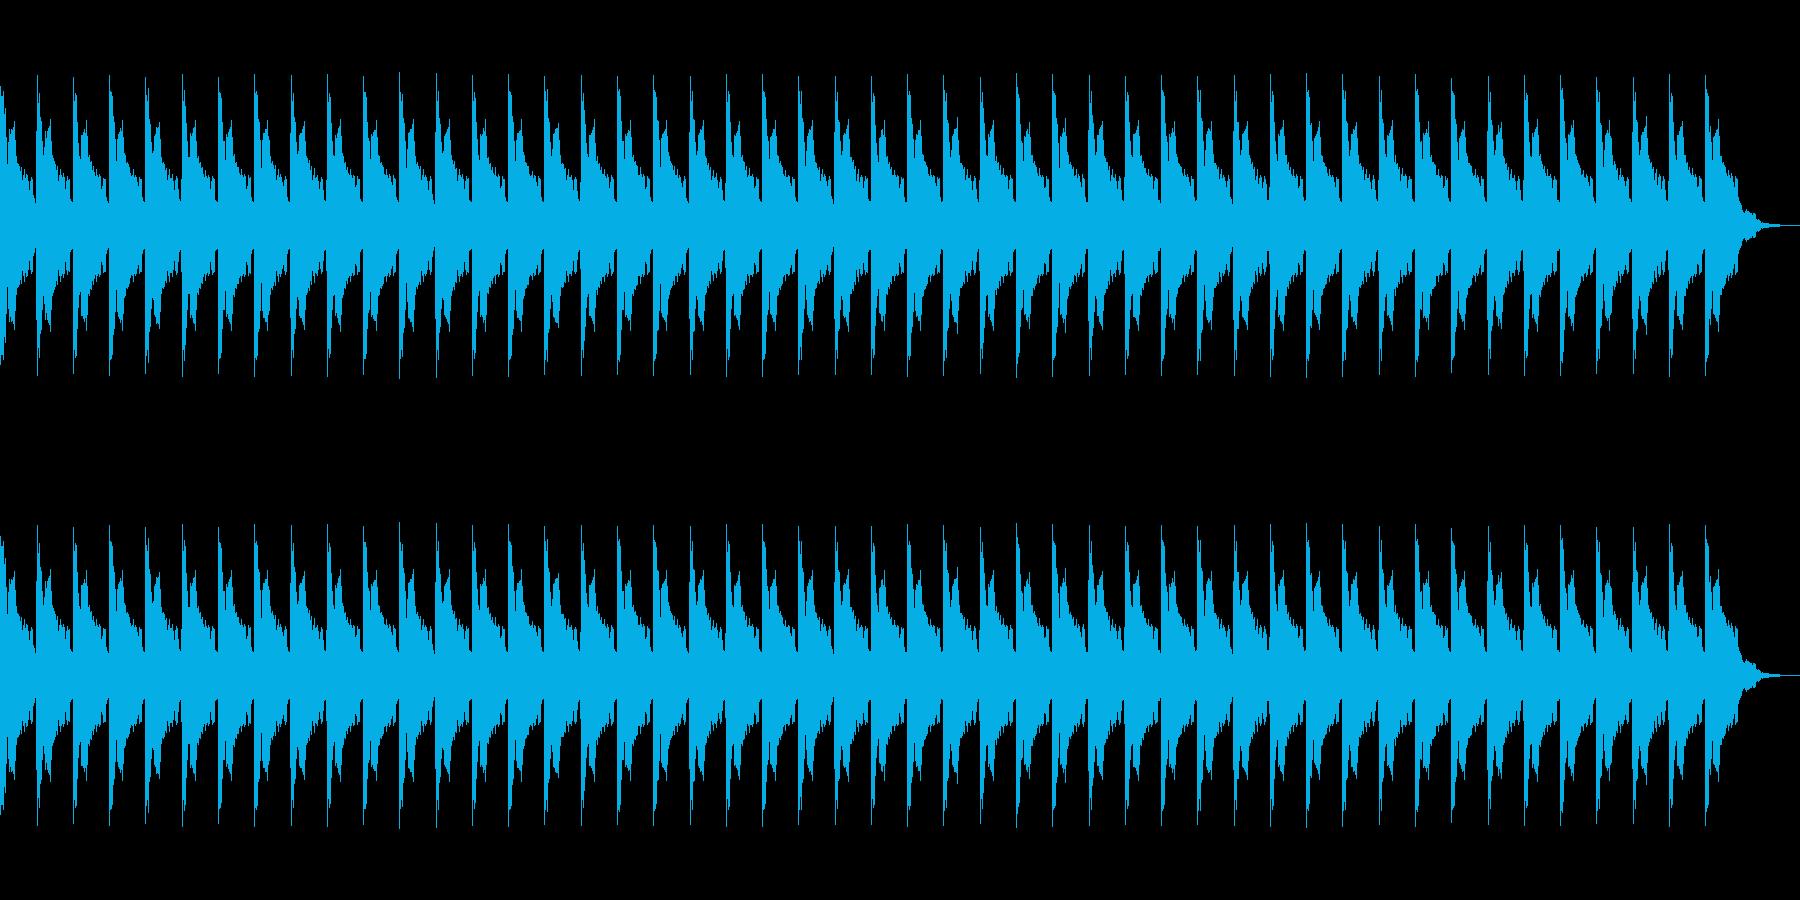 アニメ、SFなどにありそうなアラームの再生済みの波形